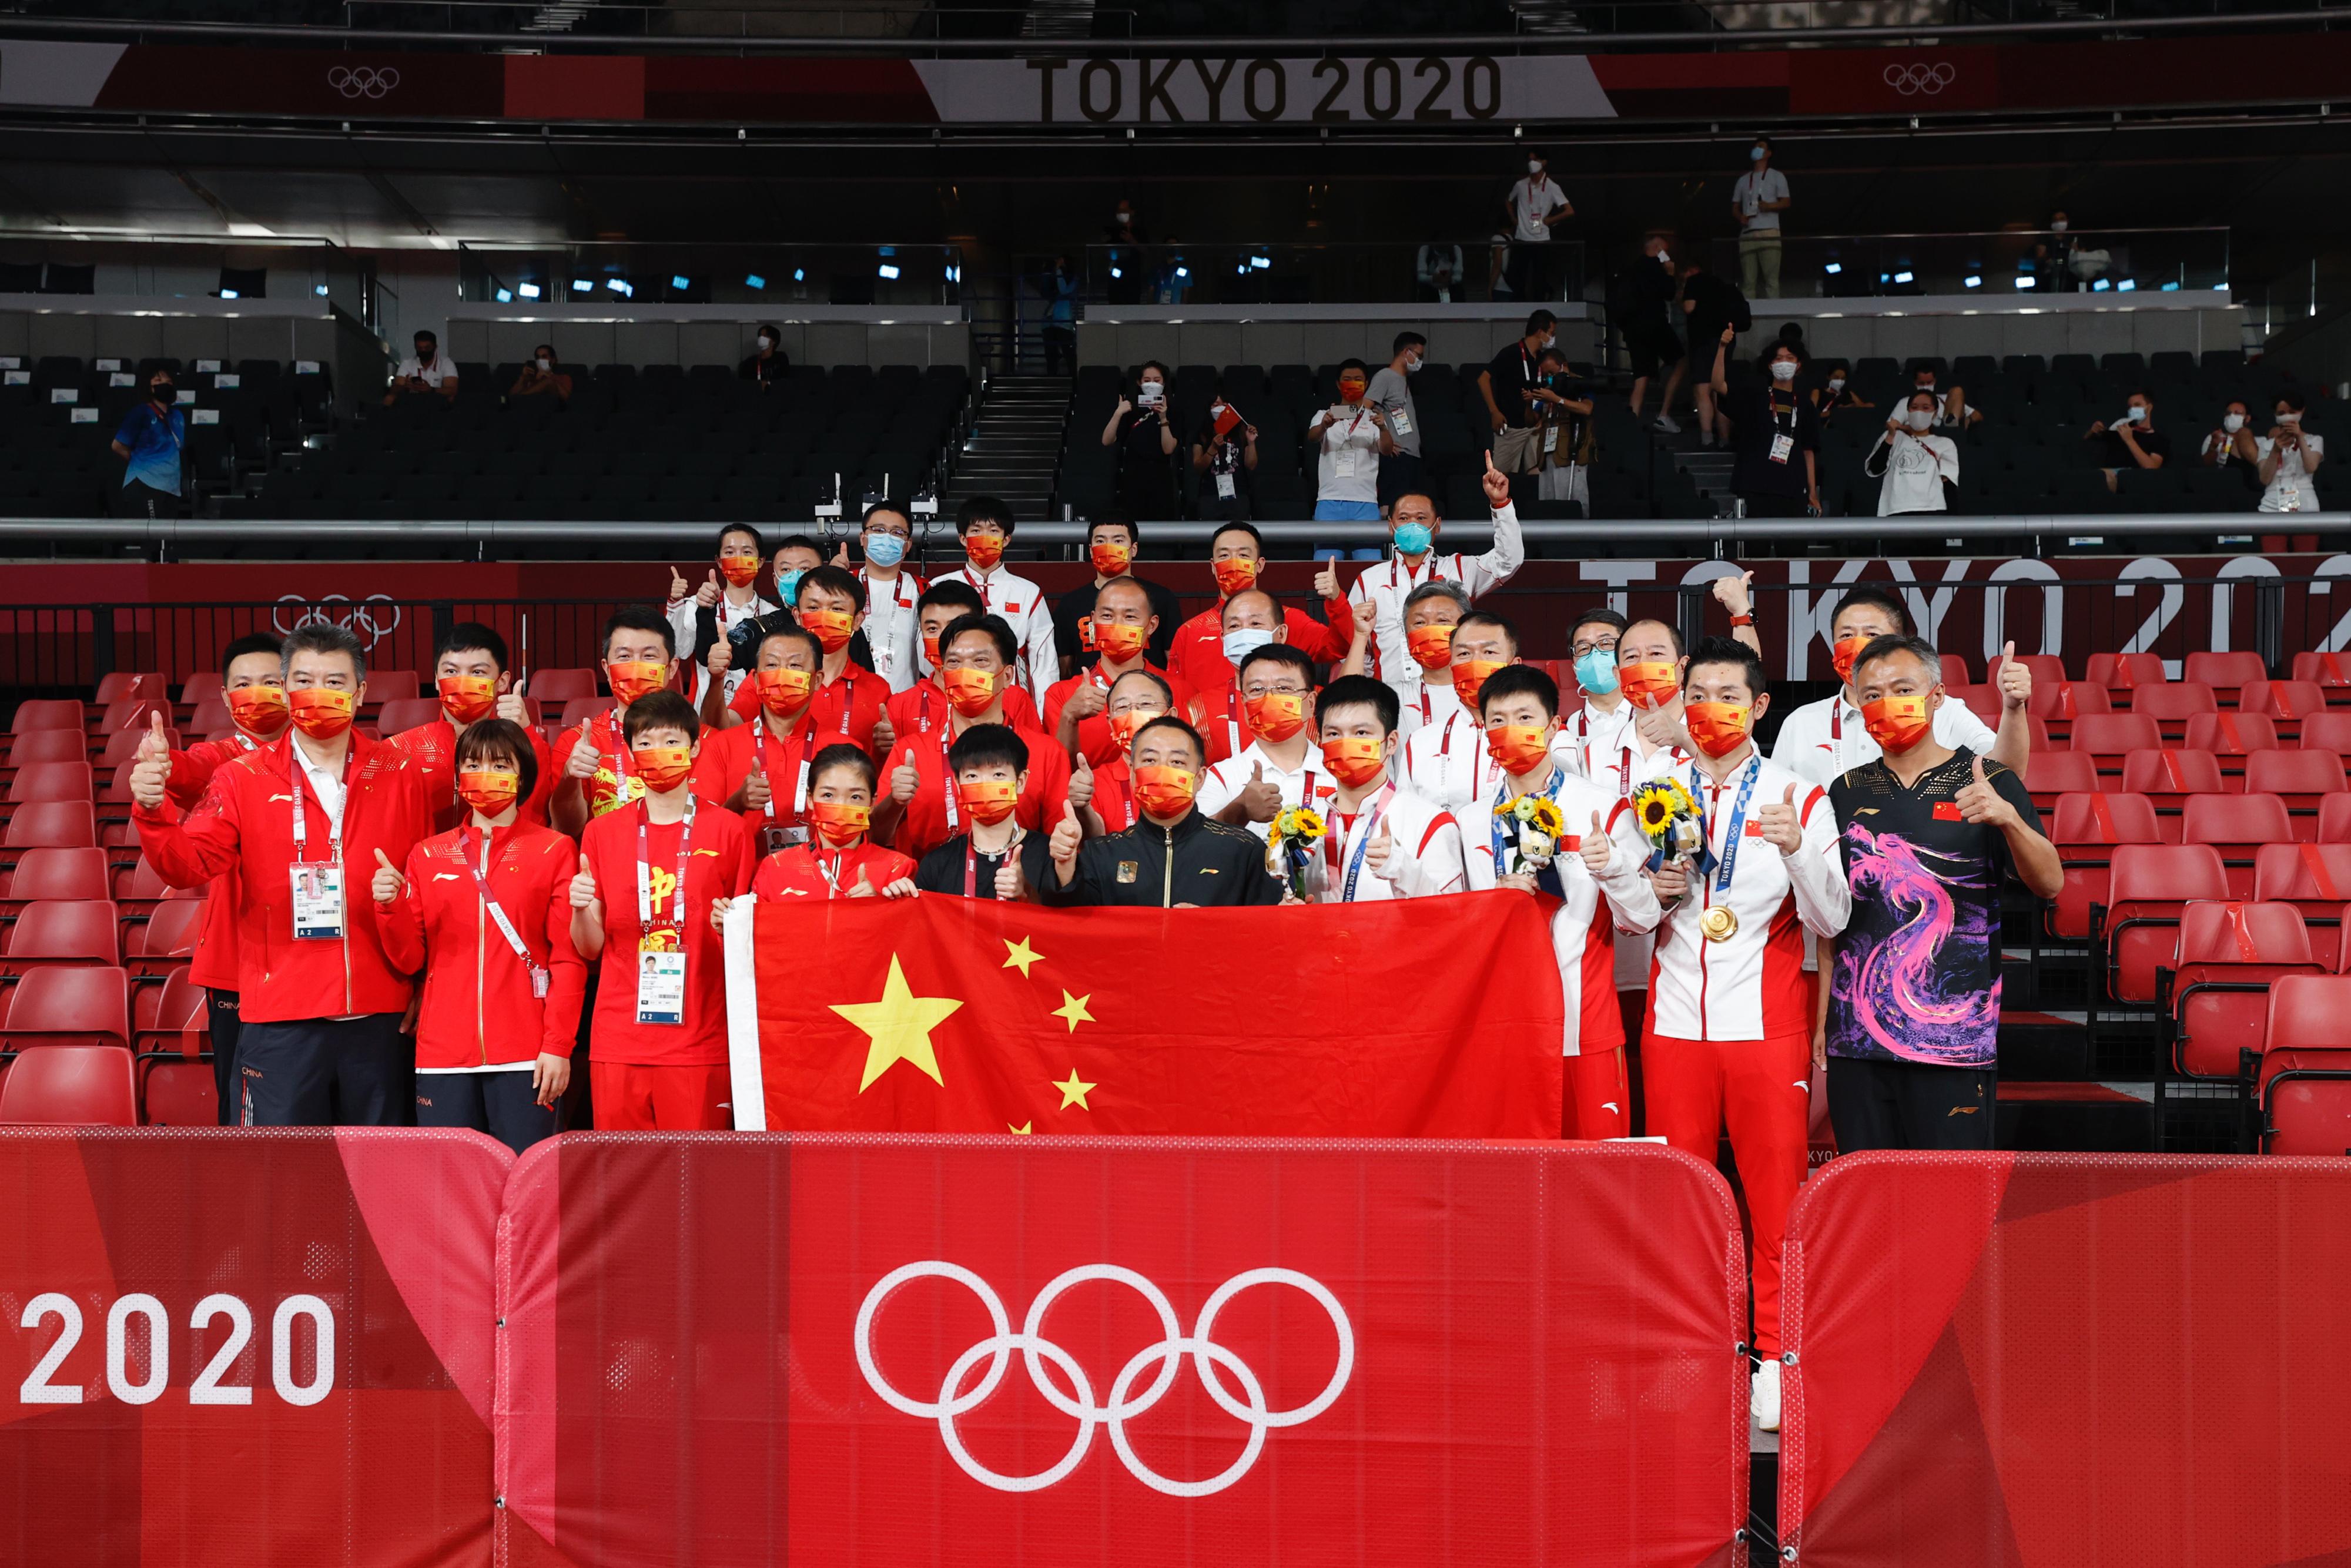 娱乐游戏:国乒不参加今年亚锦赛,队员解除隔离后将投入全运会